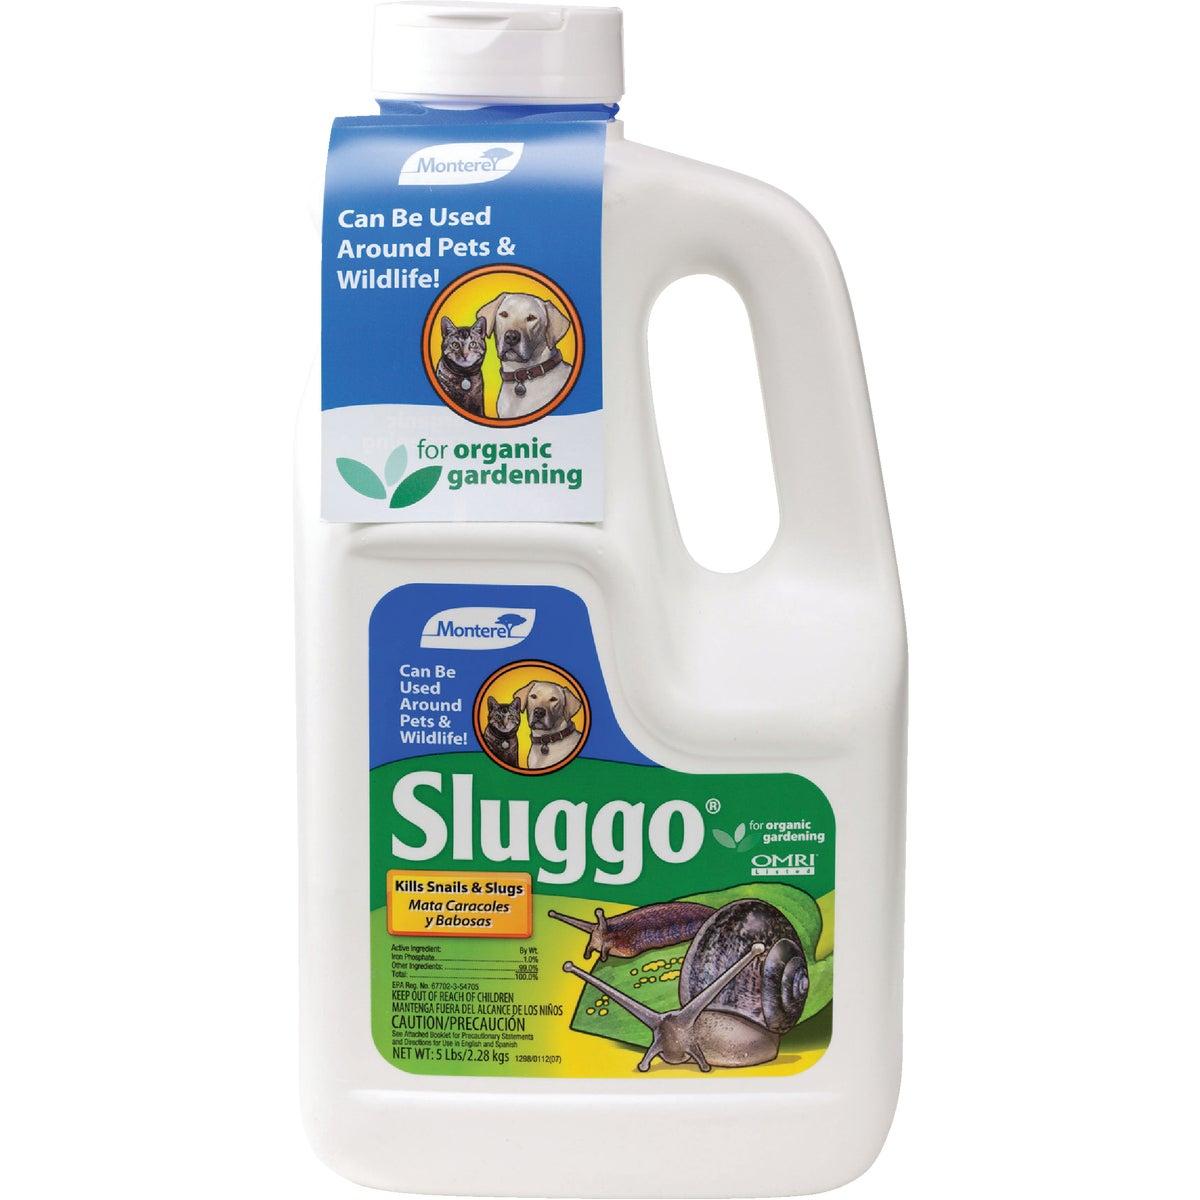 5LB SLUGGO - LG6530 by Monterey Lawn&garden